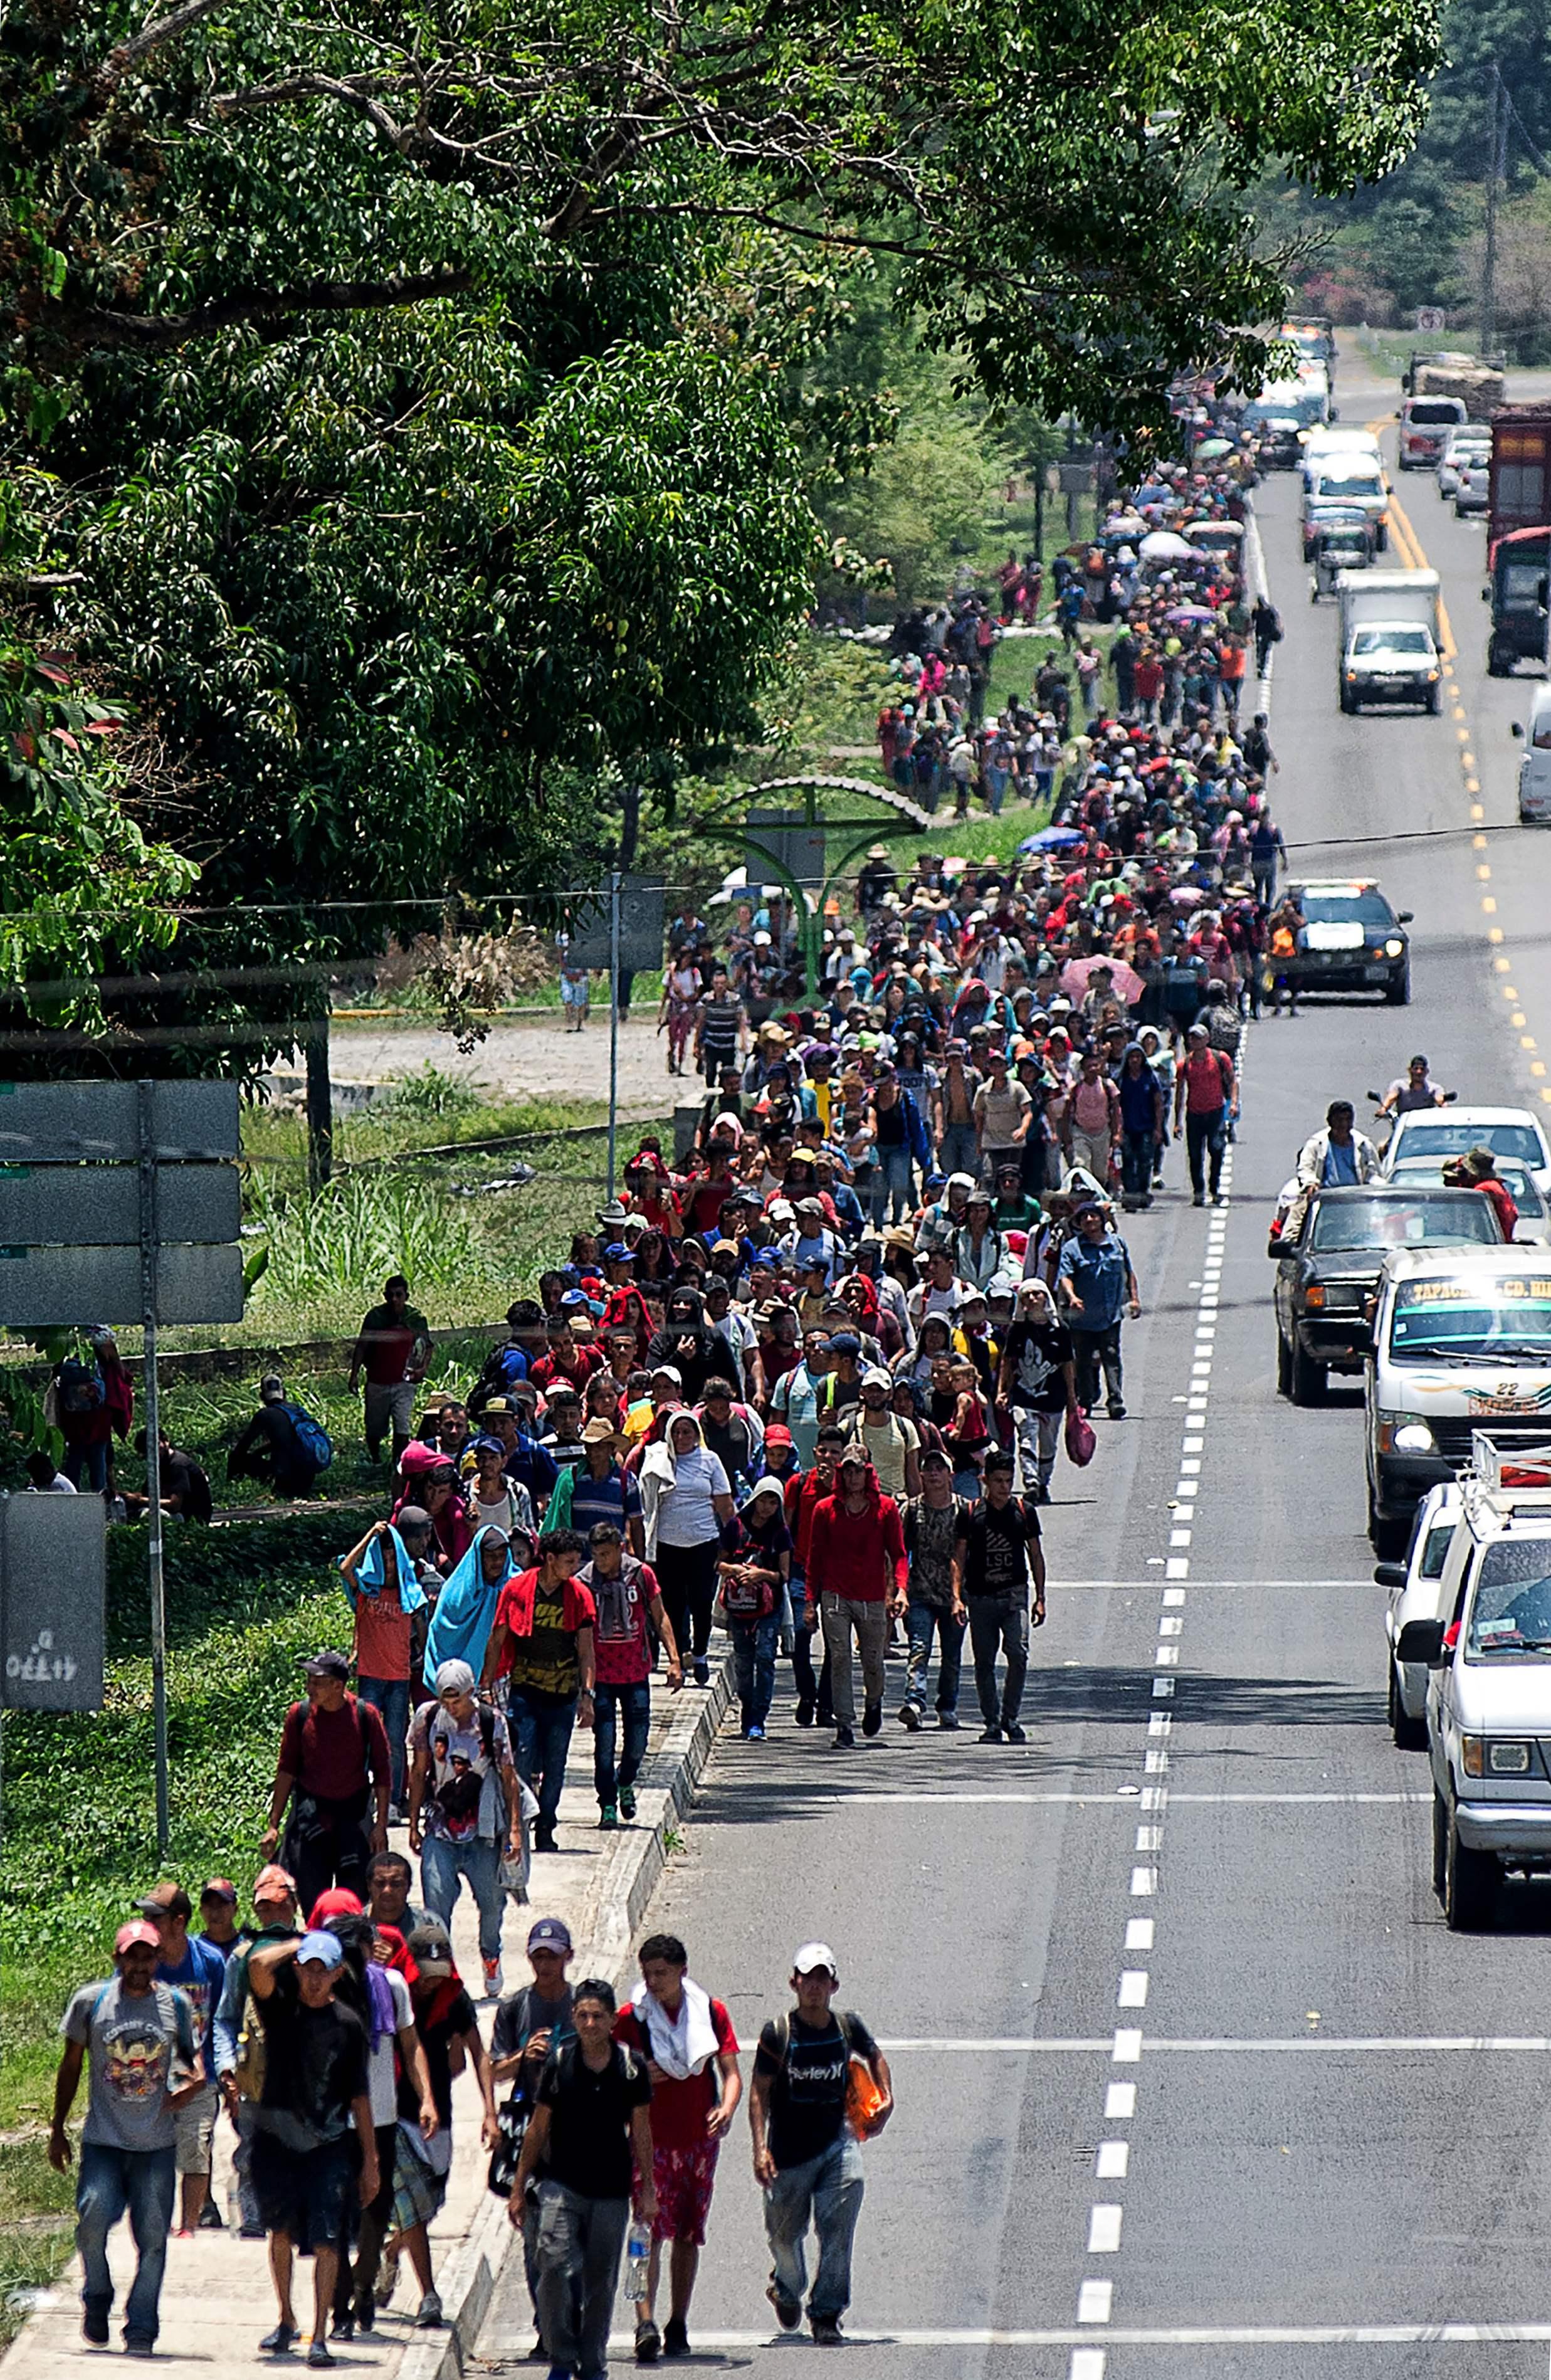 Atender las necesidades en salud en las caravanas migratorias lleva a los países miembros del Sica a coordinarse para garantizar el derecho a la salud de los centroamericanos.  (Foto Prensa Libre: AFP)